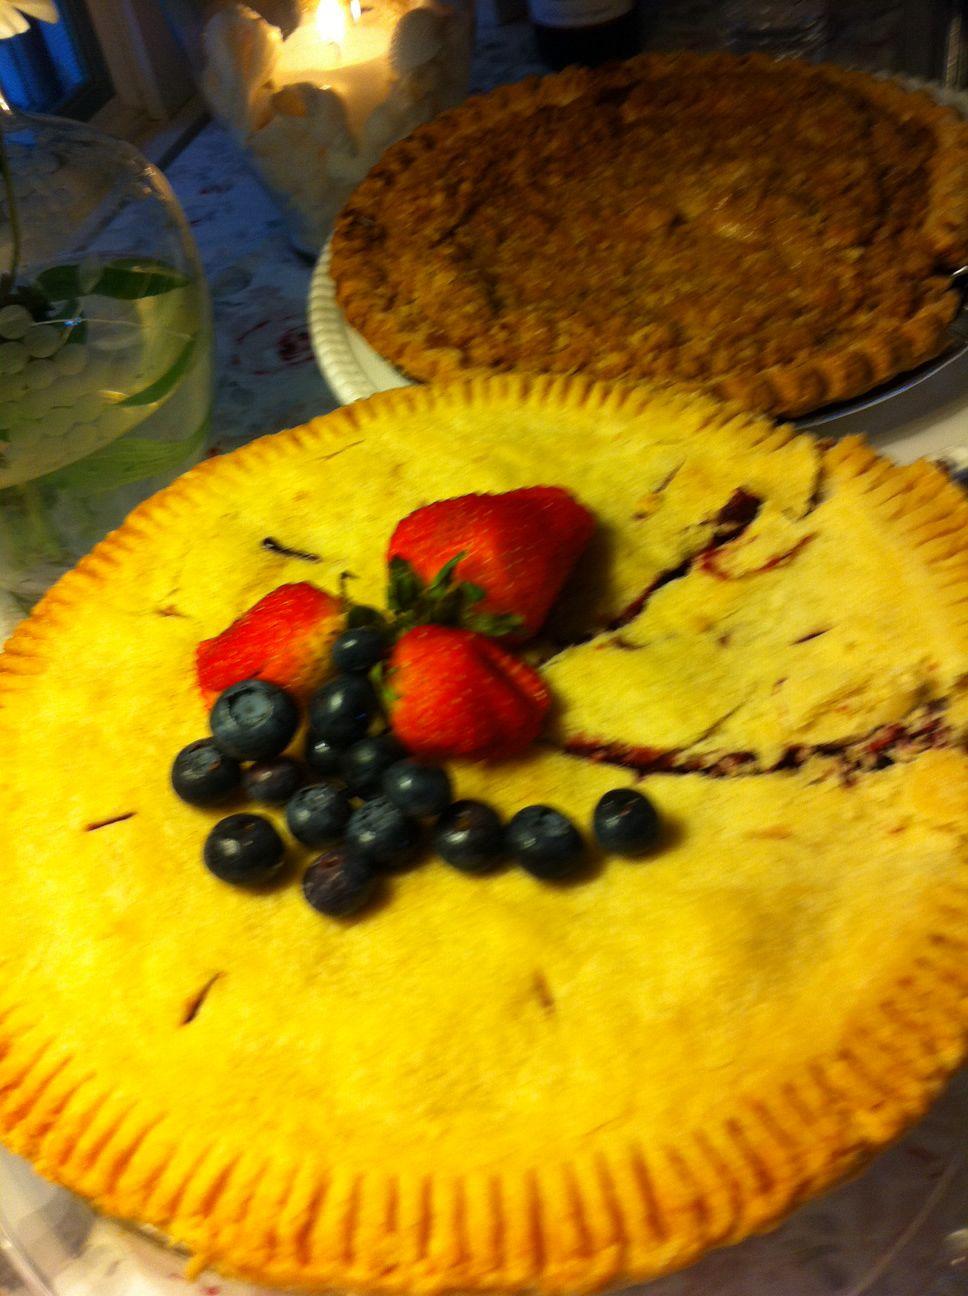 Homemade blackberry pie by Giuseppe !